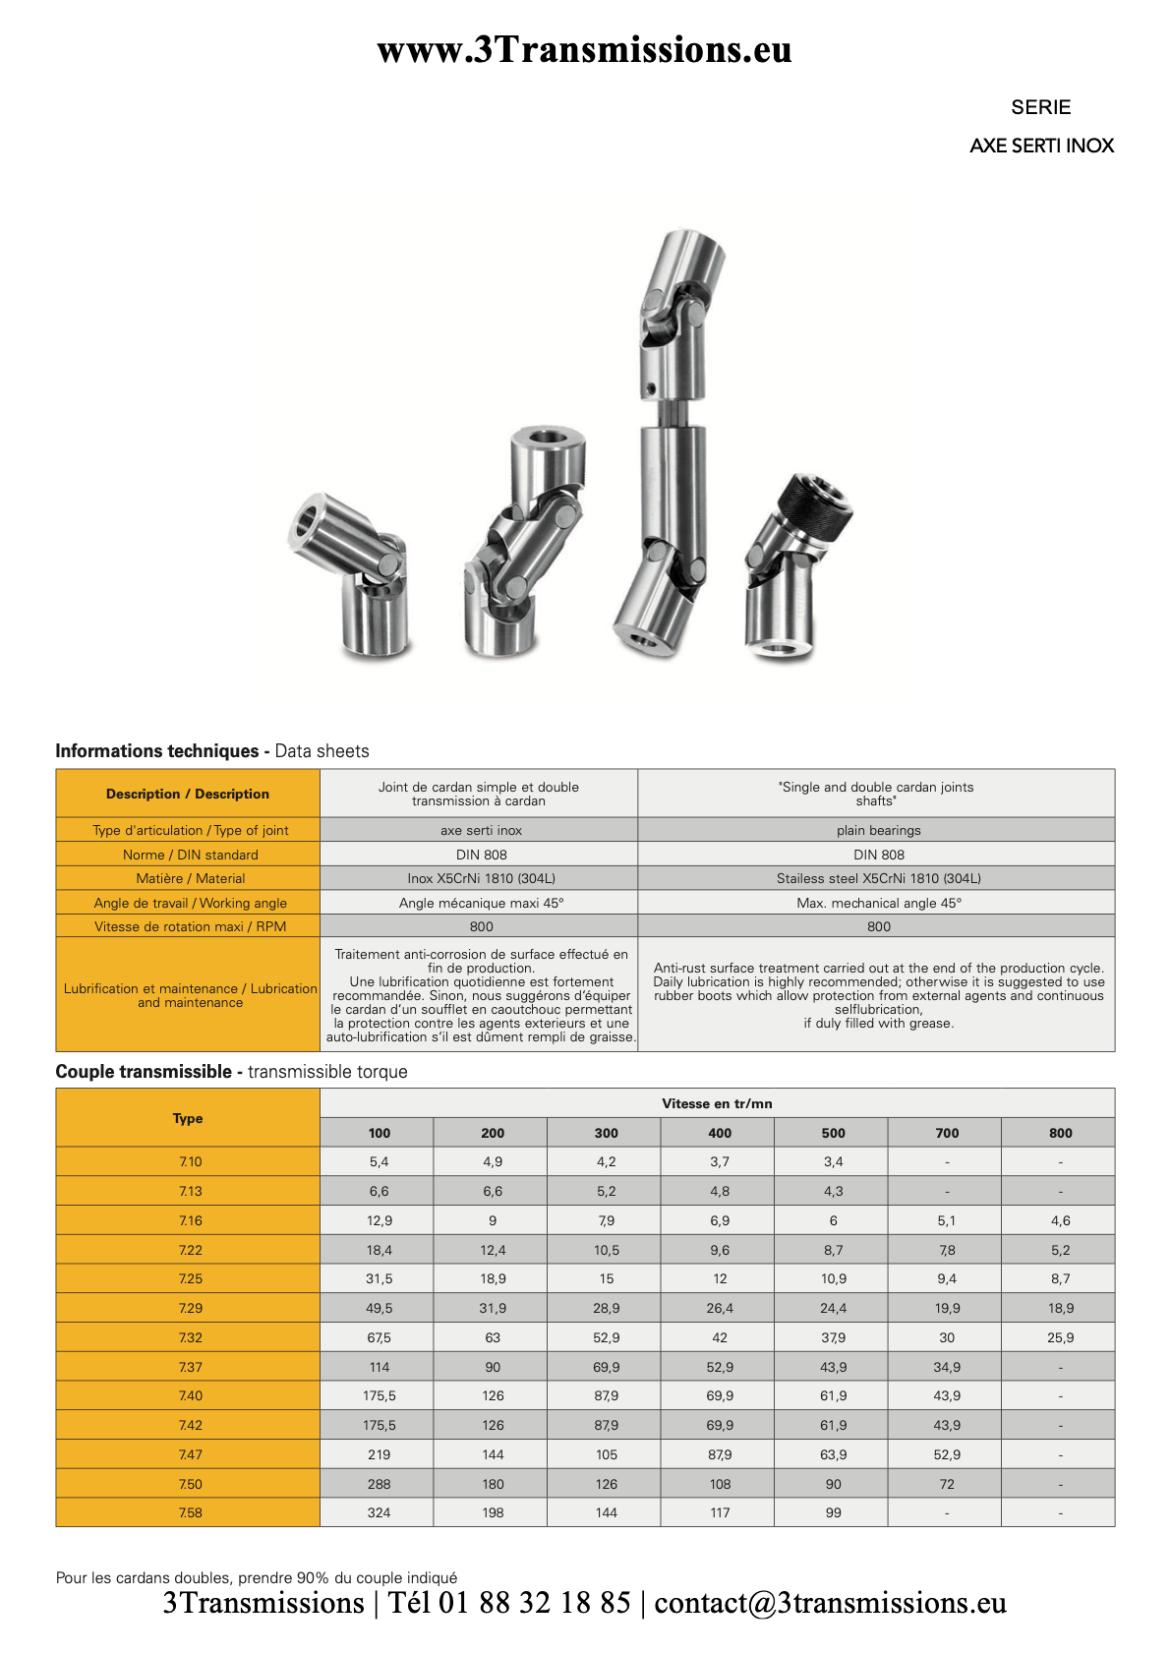 Les Joints de cardan inox sont des accouplements simple pour la transmission de puissance.